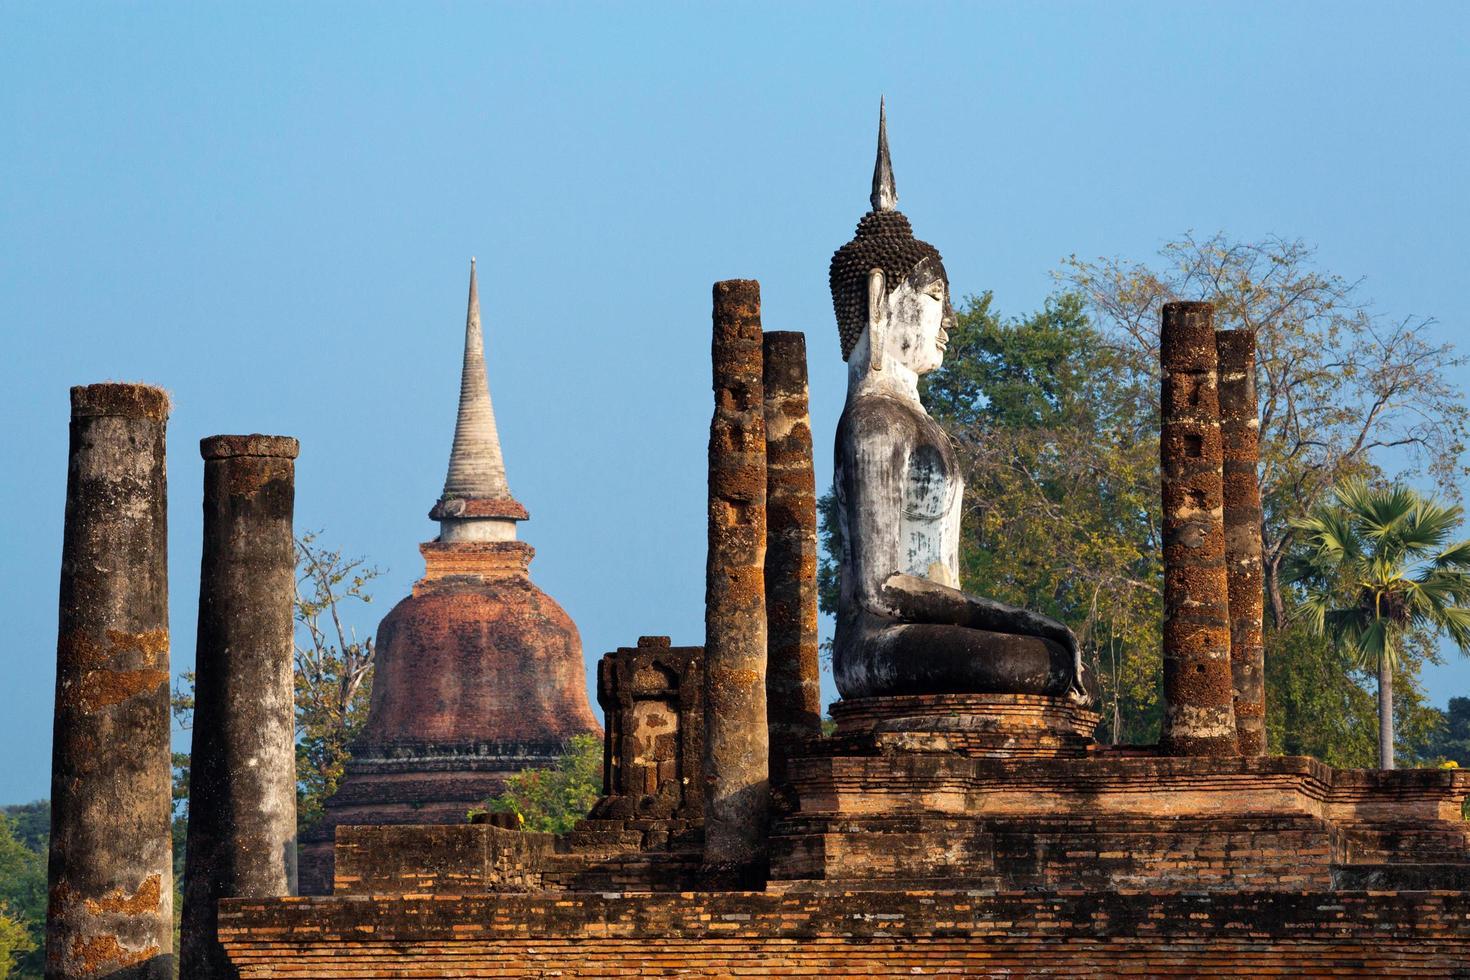 parc historique de sukhothai, thaïlande, site du patrimoine mondial, unesco. photo